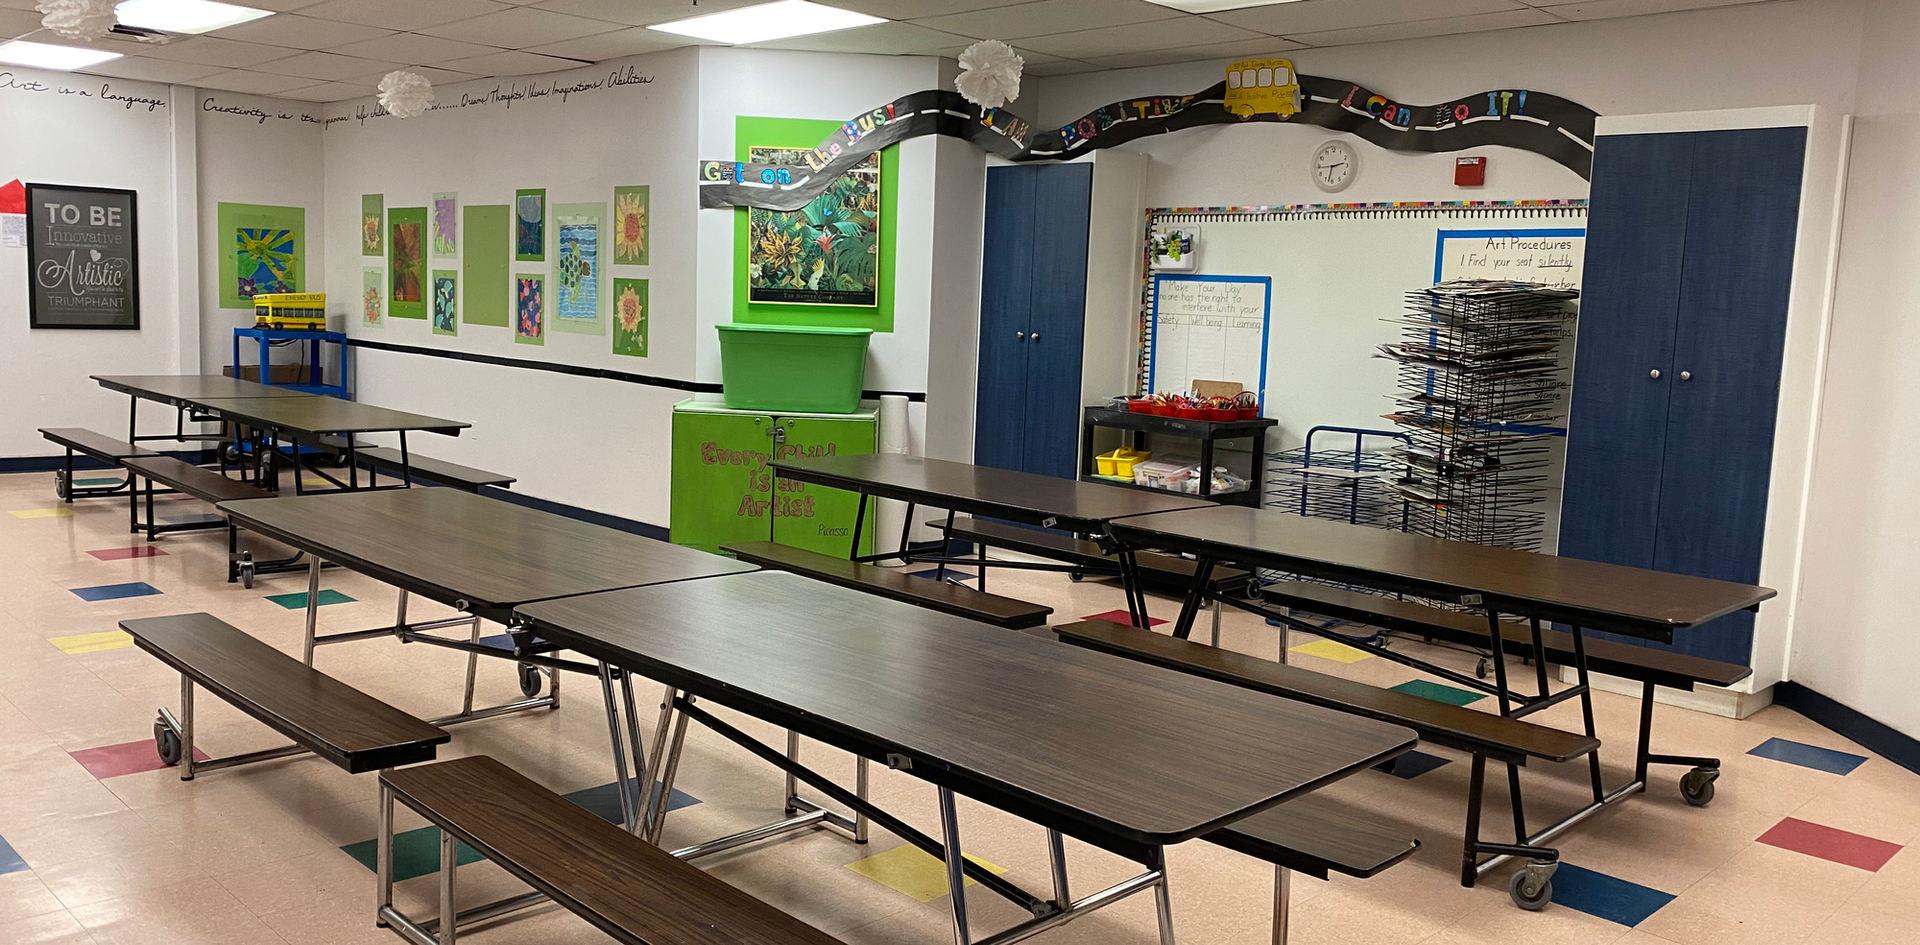 Art Classroom & Cafeteria